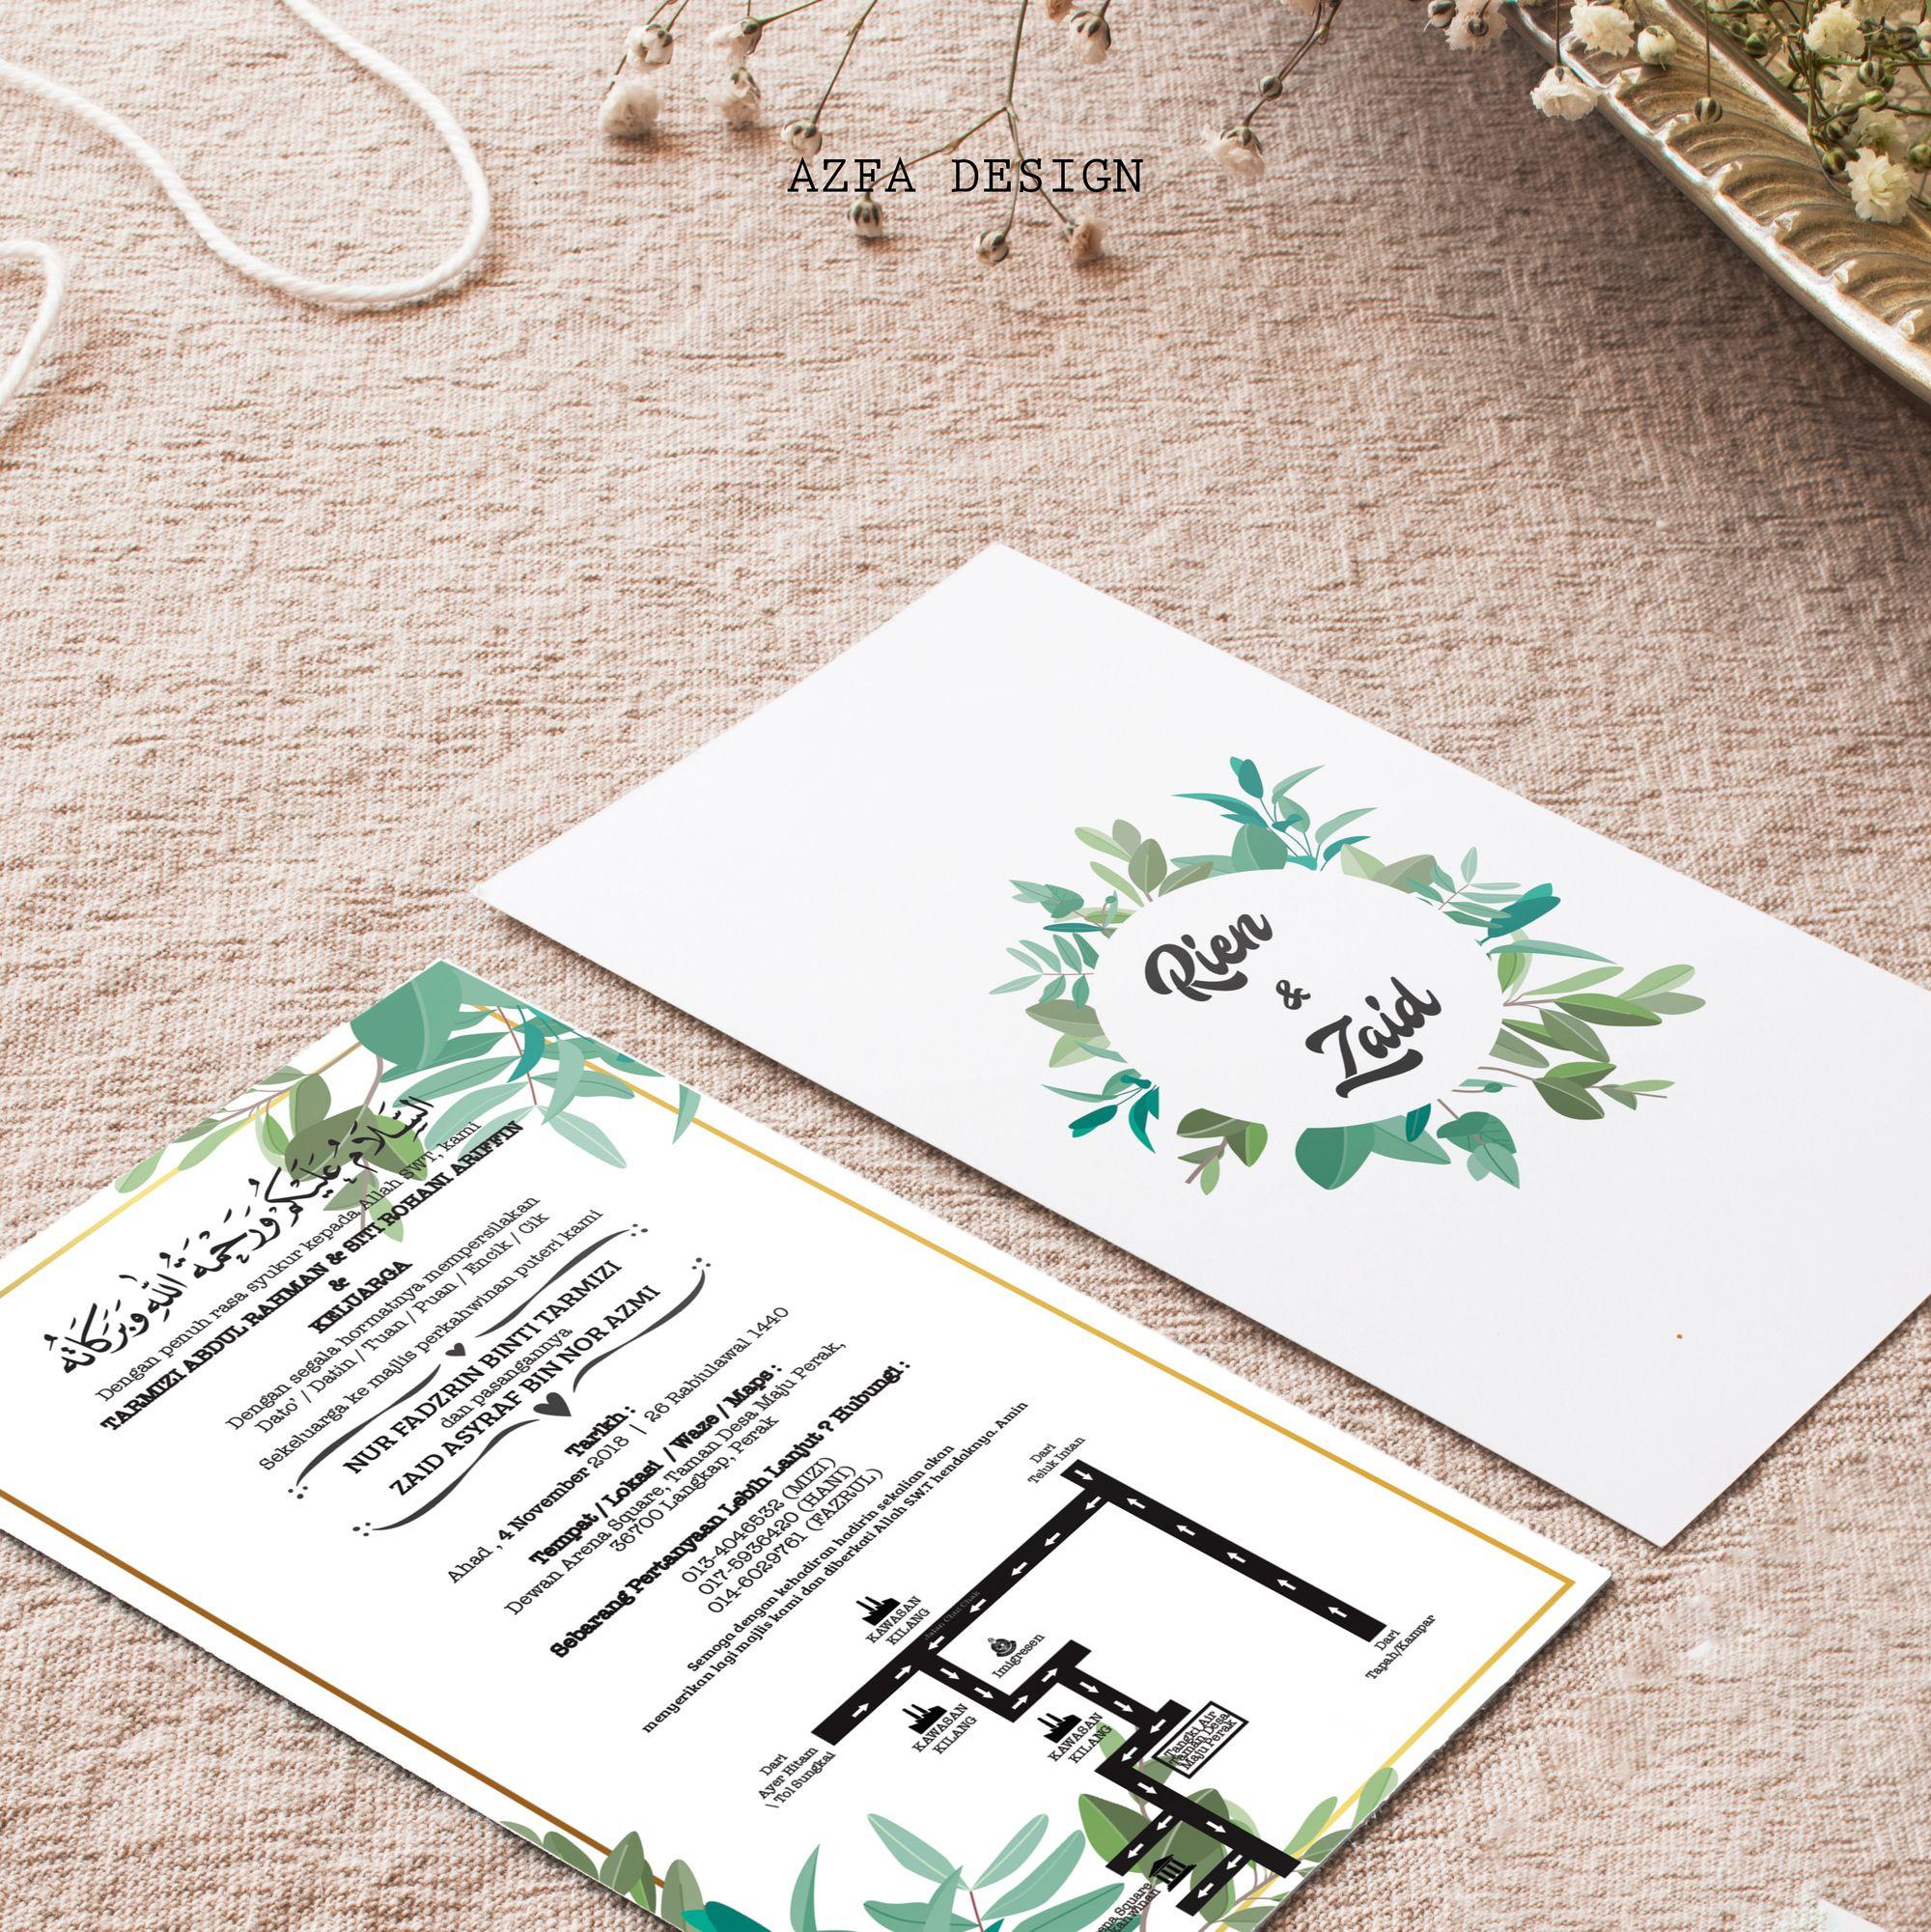 Jangan Lupa Jemput Tetamu Tempah Kad Kahwin Anda Banyak Sangat Benda Nak Settle Kan Untuk Majlis Wedding Invitation Cards Wedding Cards Invitation Cards